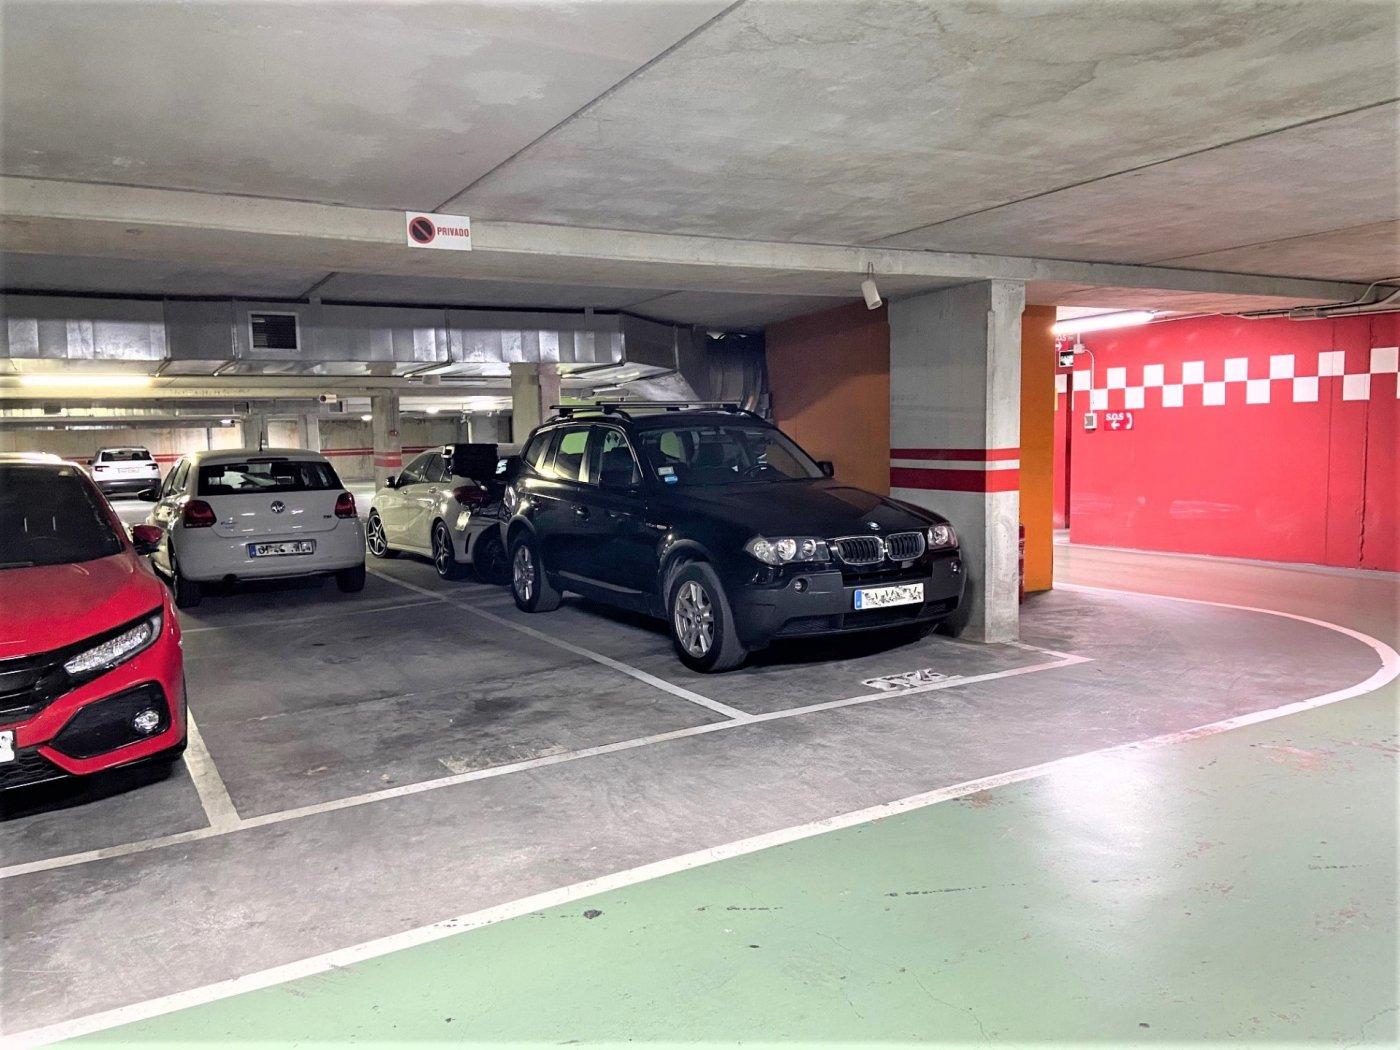 Zona centro ? plaza quadrado, ¡¡precioso y emblemÁtico piso en alquiler con parking y tras - imagenInmueble34